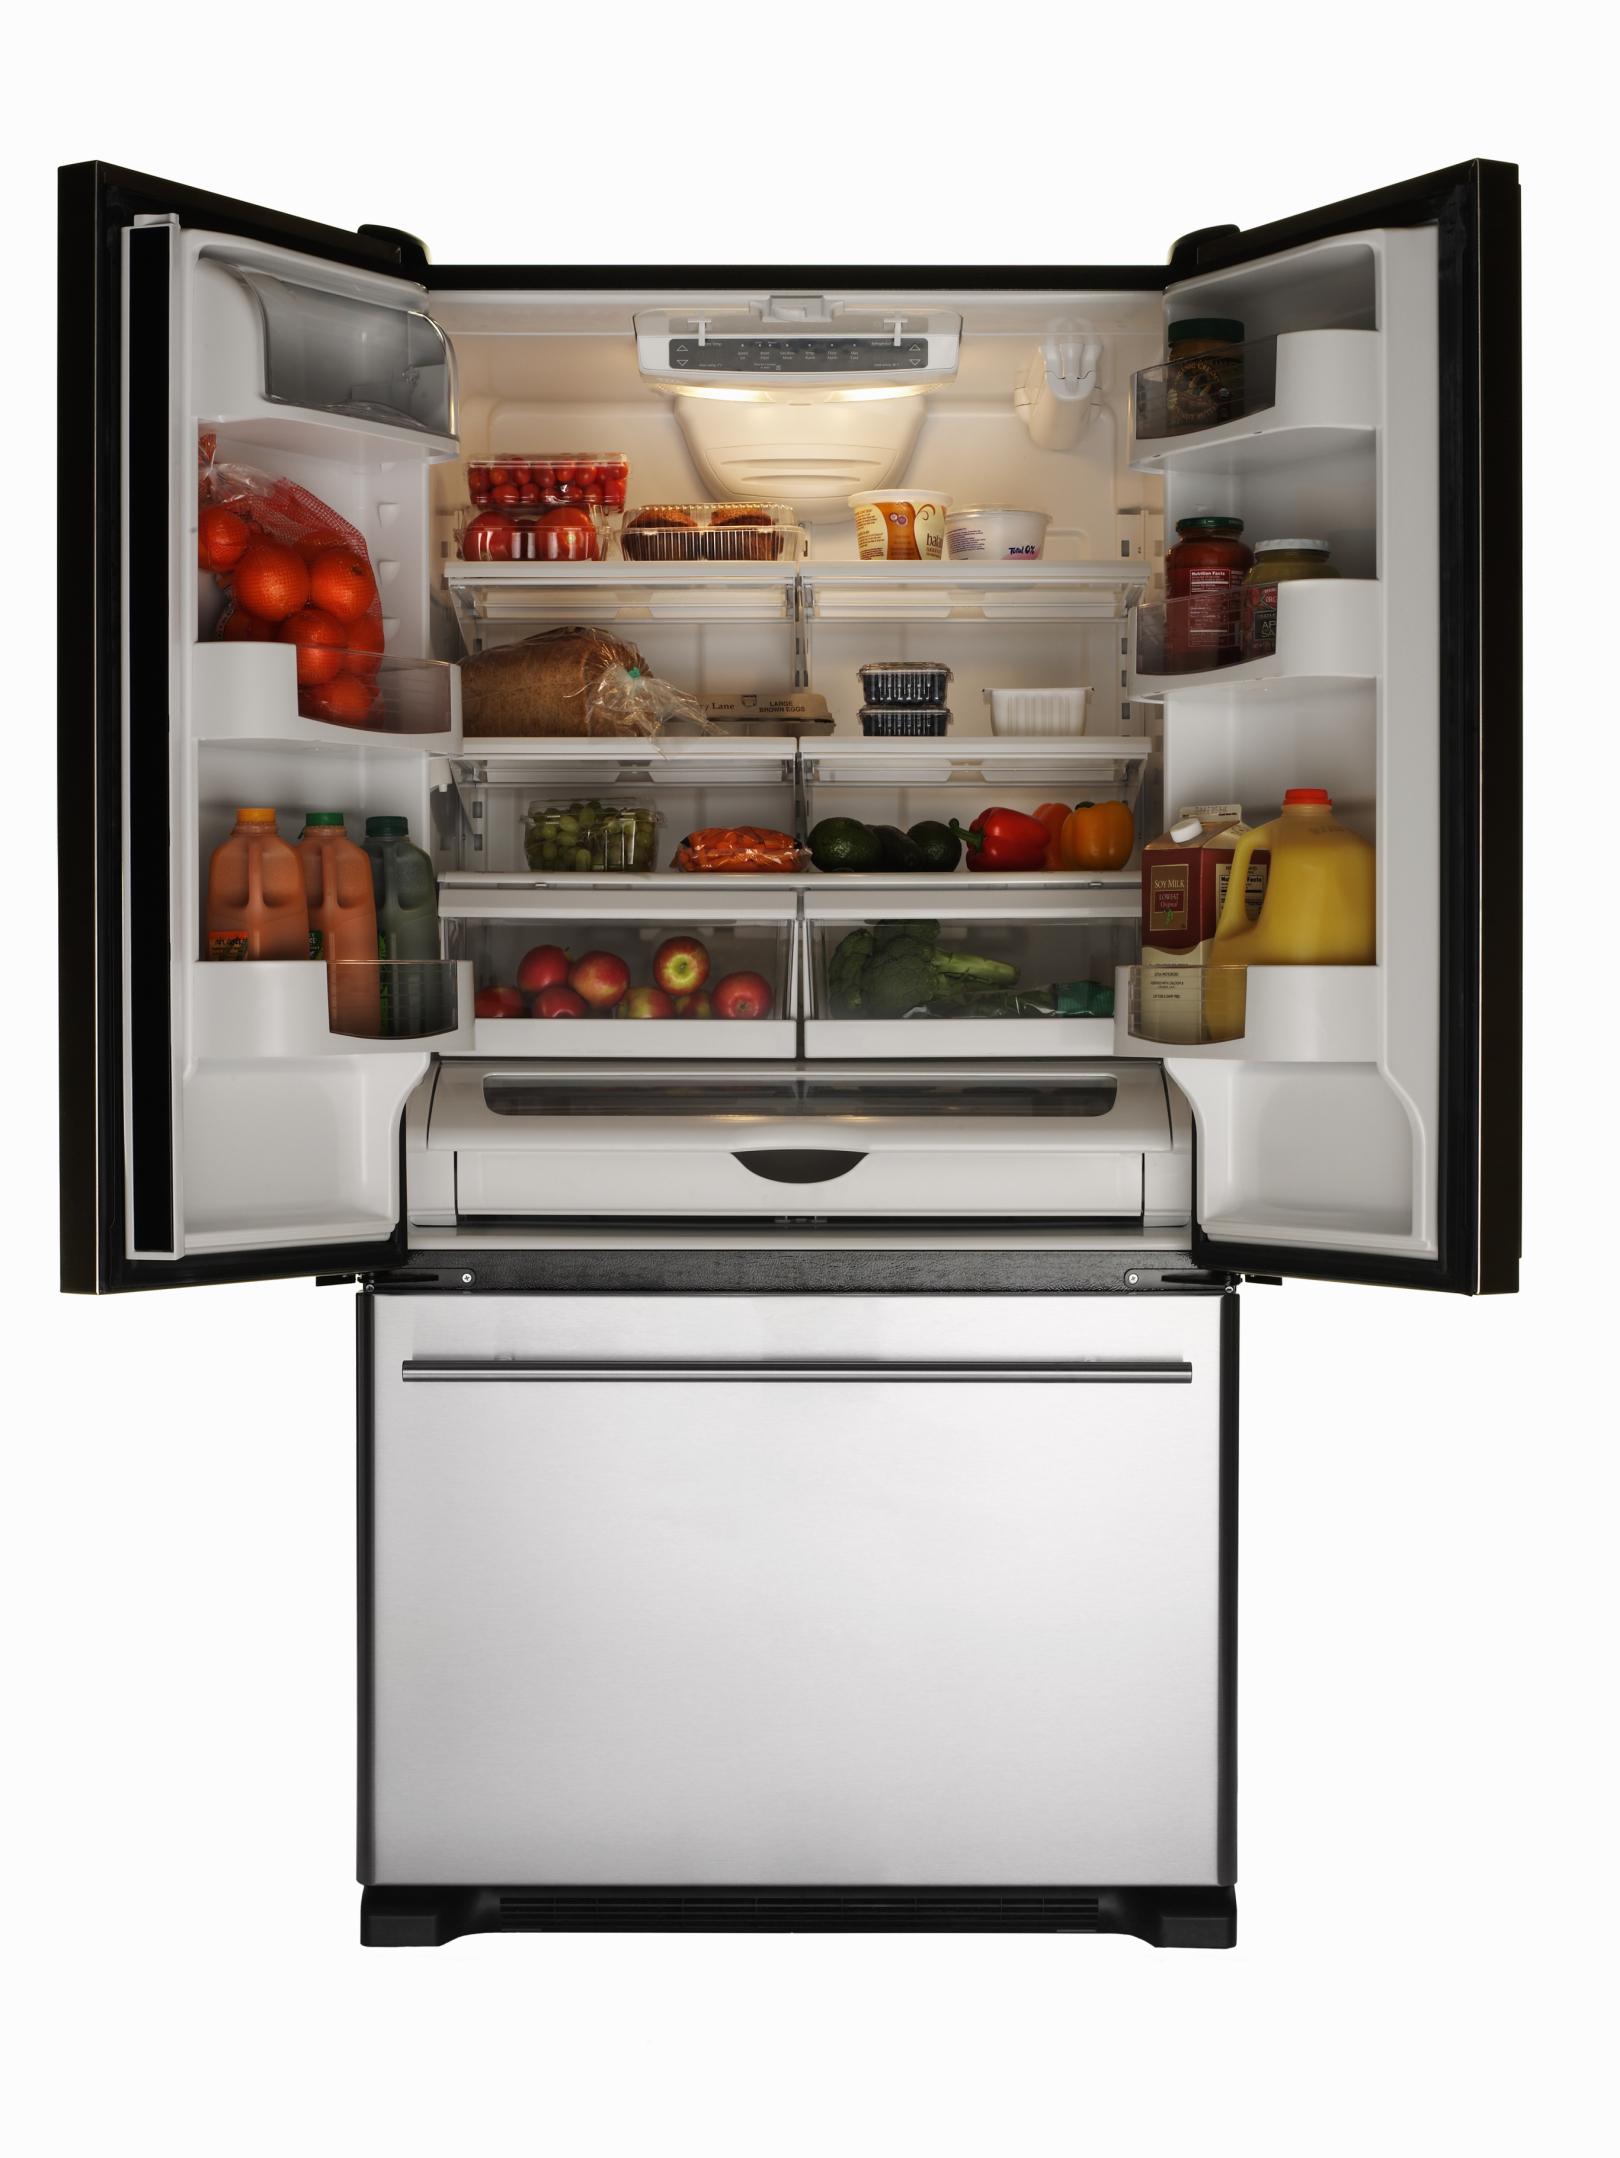 Medidas estándar de los electrodomésticos de cocina |